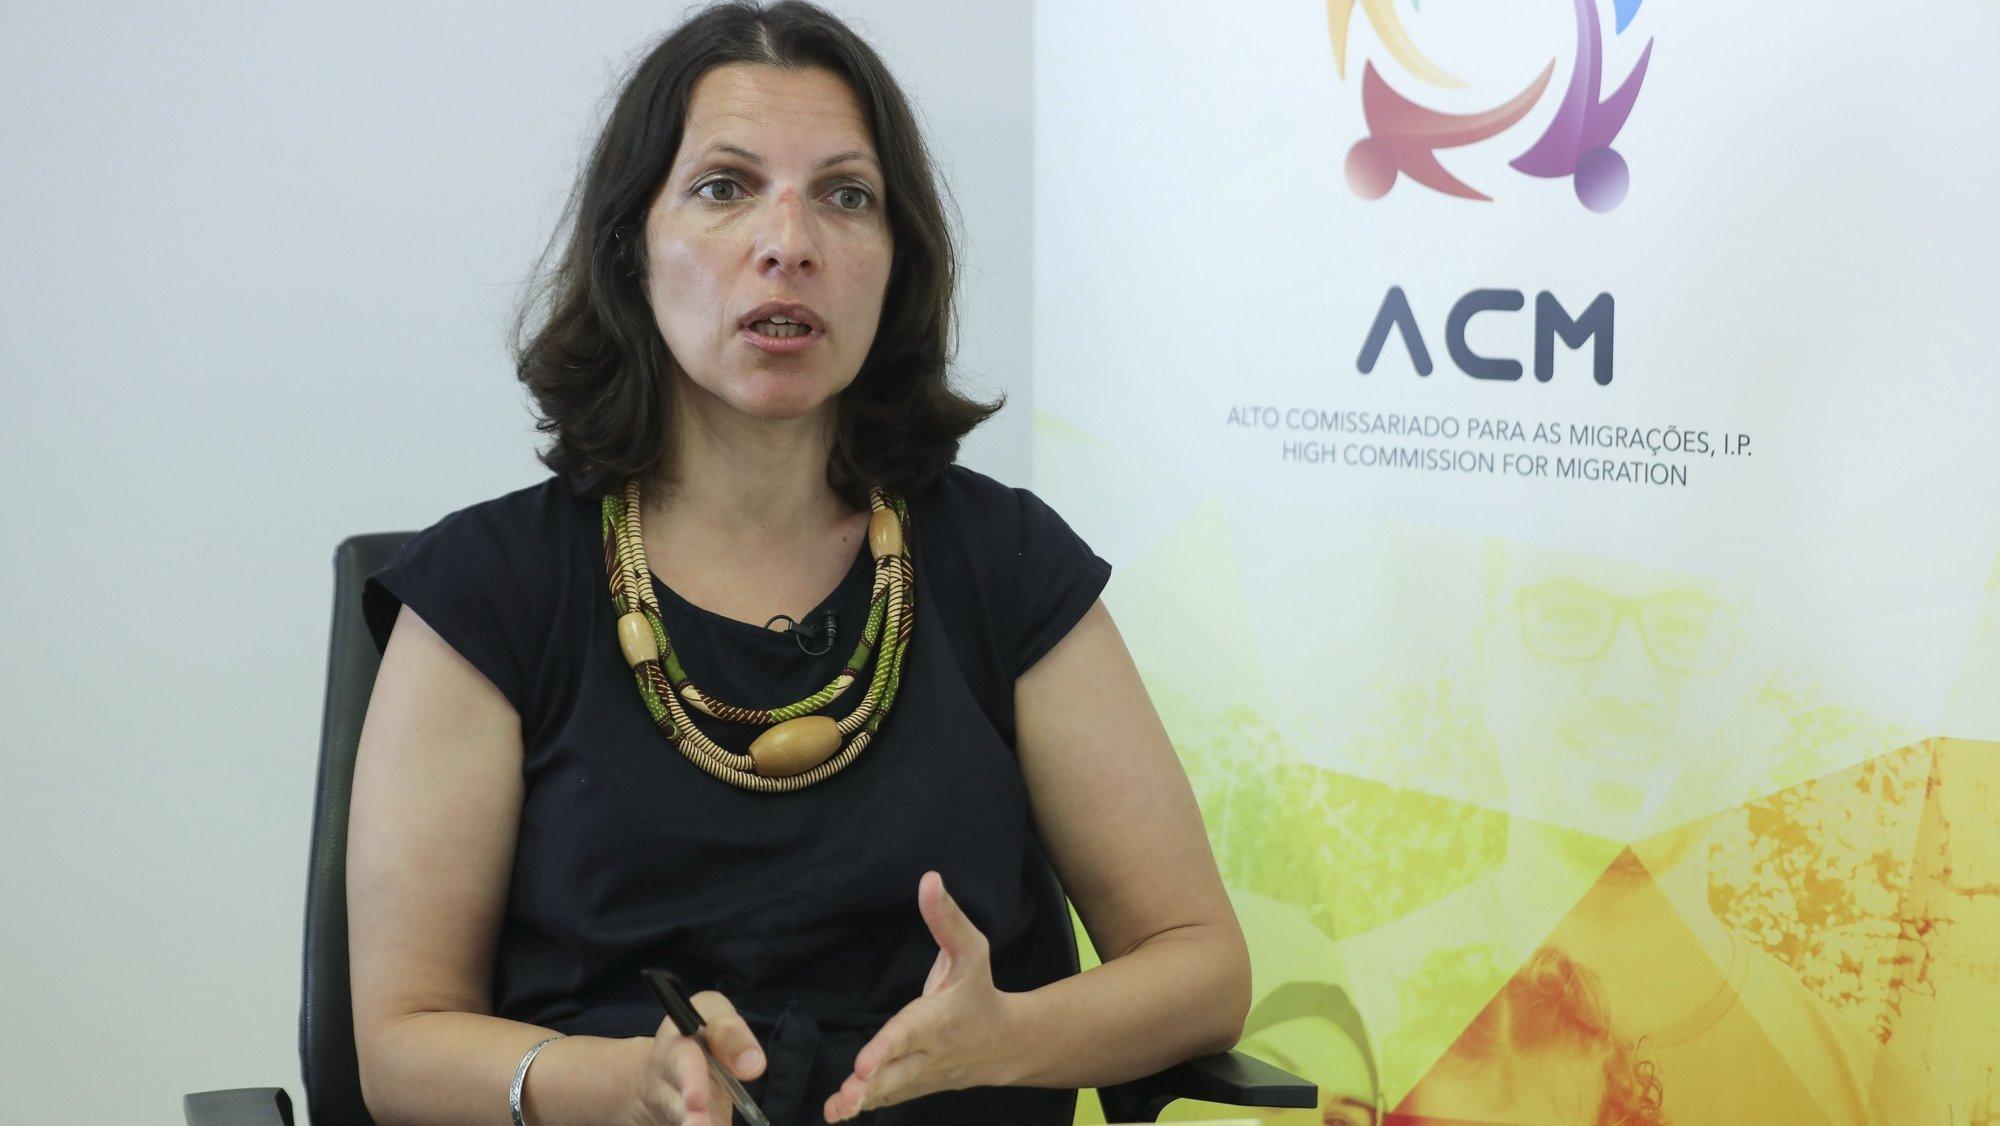 A recém eleita Alta Comissária para as Migrações, Sónia Pereira, fala durante uma entrevista à agência Lusa, em Lisboa, 29 de junho de 2020. (ACOMPANHA TEXTO DA LUSA DE 01 DE JULHO DE 2020). MIGUEL A. LOPES/LUSA